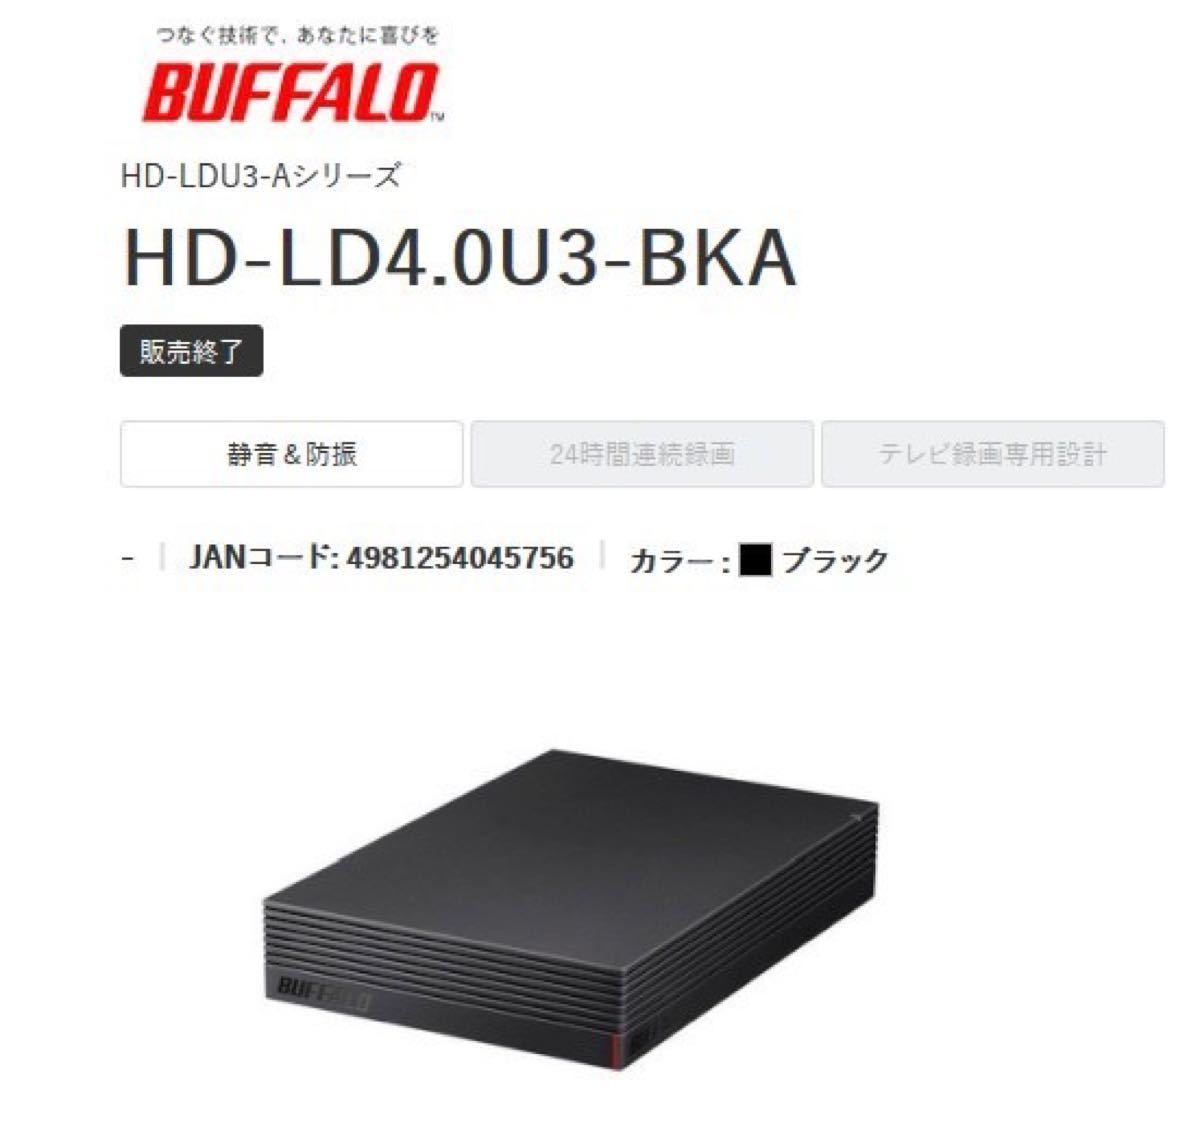 BUFFALO 外付けHDD HD-LD4.0U3-BKA 4TB未開封新品